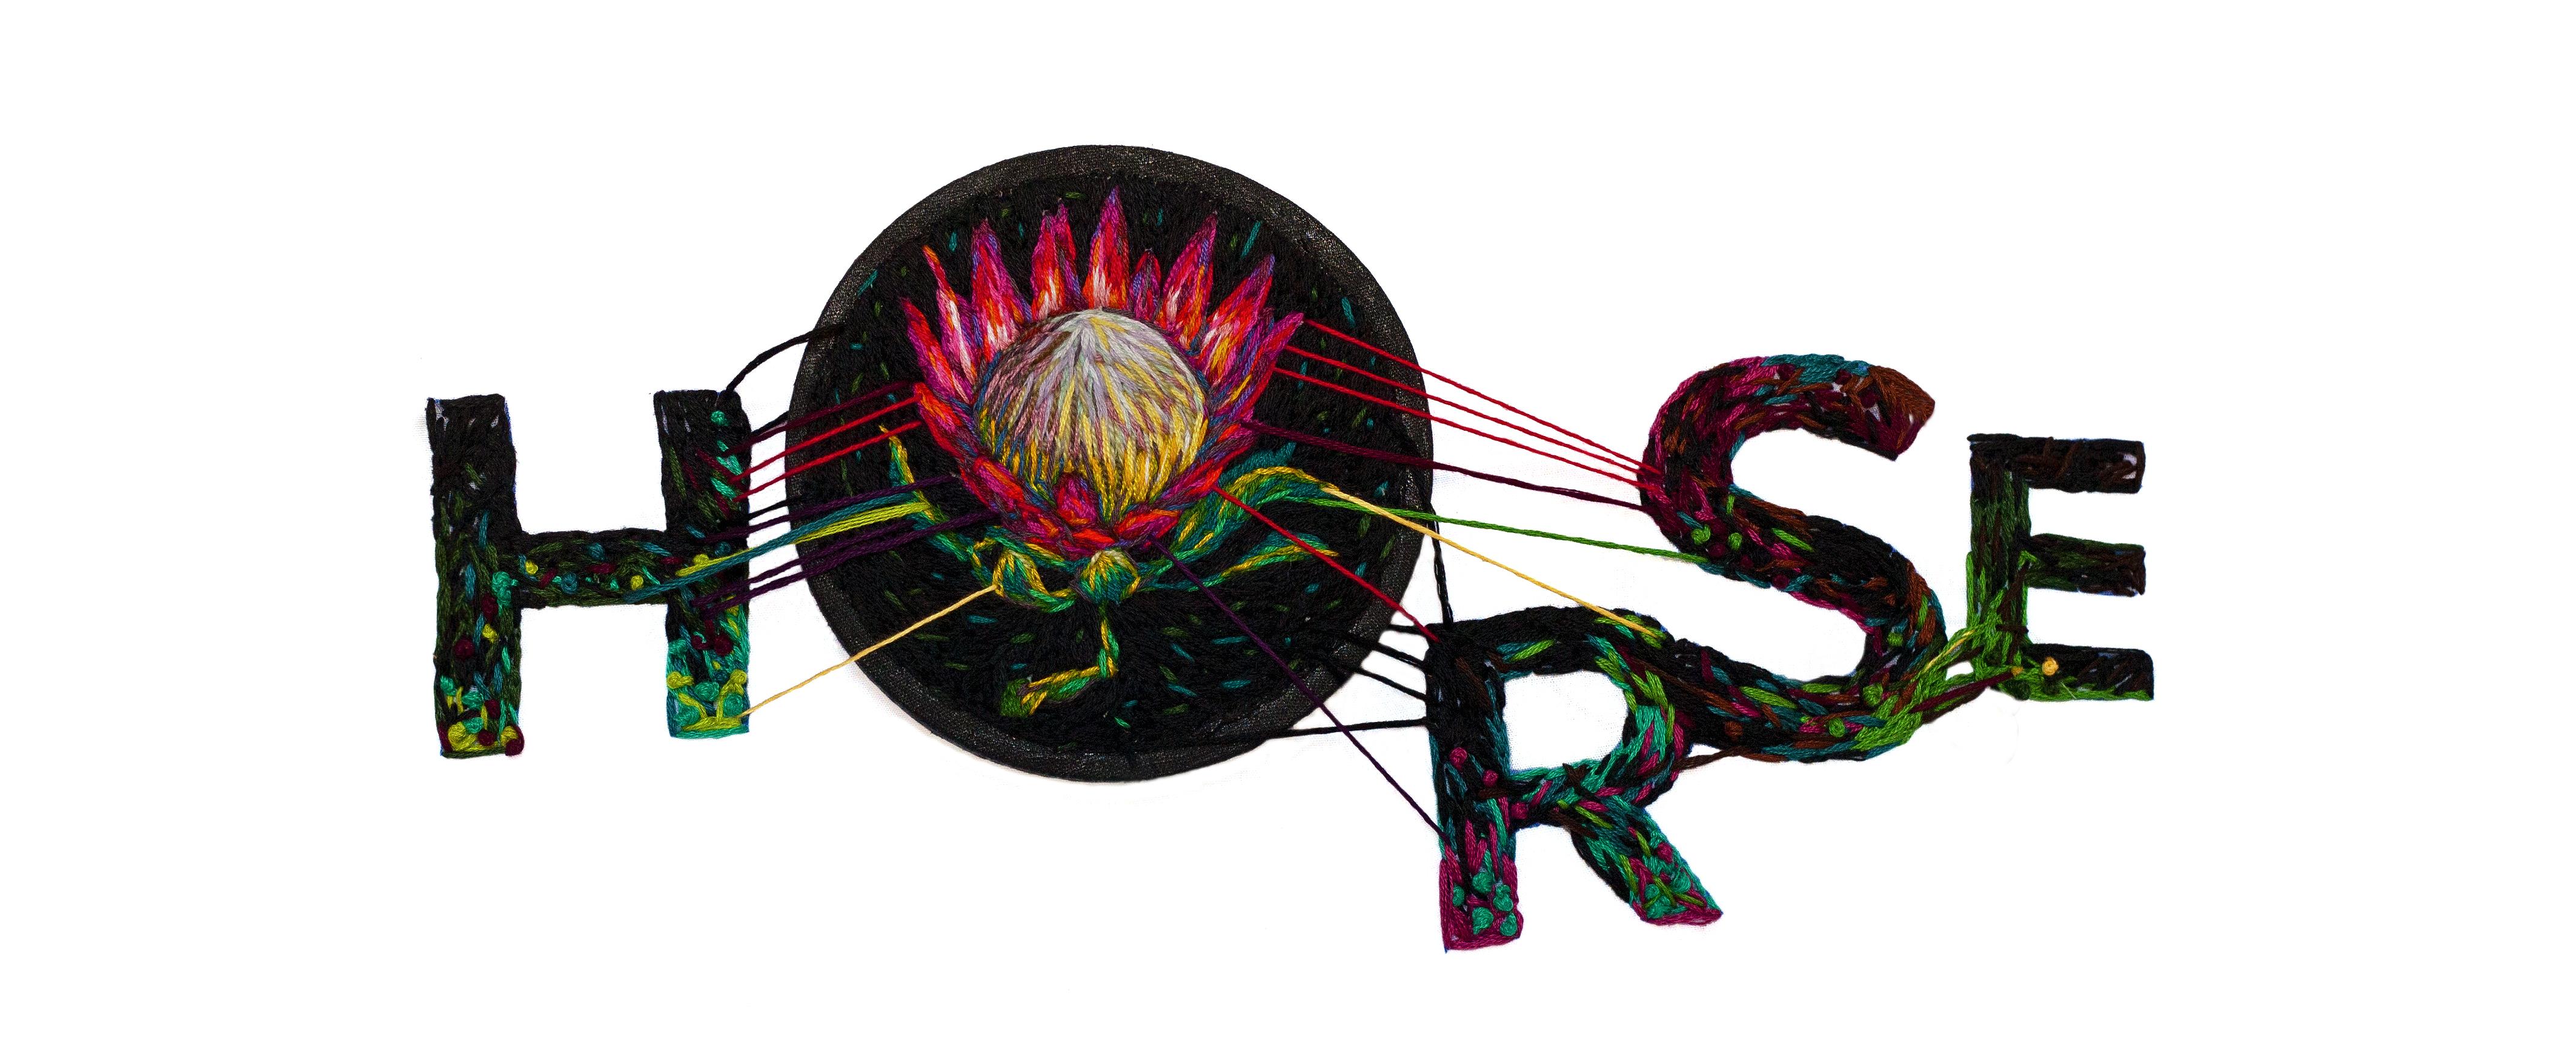 Diseño de nuestro logo según Danielle Clough con el bordado de una flor Protea, típica en Sudáfrica.